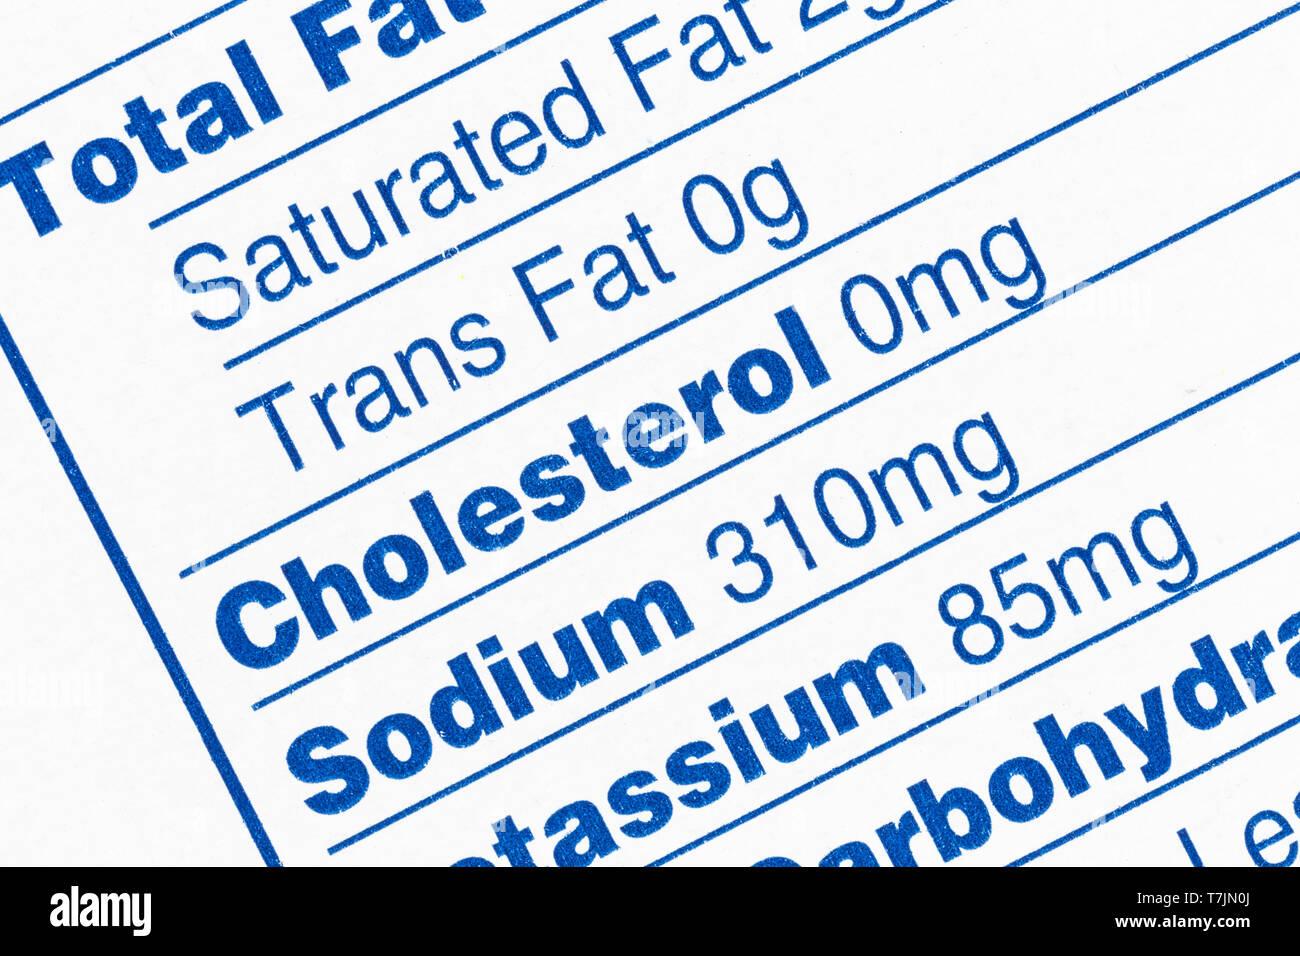 Makro Nahaufnahme Detail der Standard Ernährung Fakten. Mit dem Fokus auf Transport Fett, Cholesterin und Natrium. Stockbild